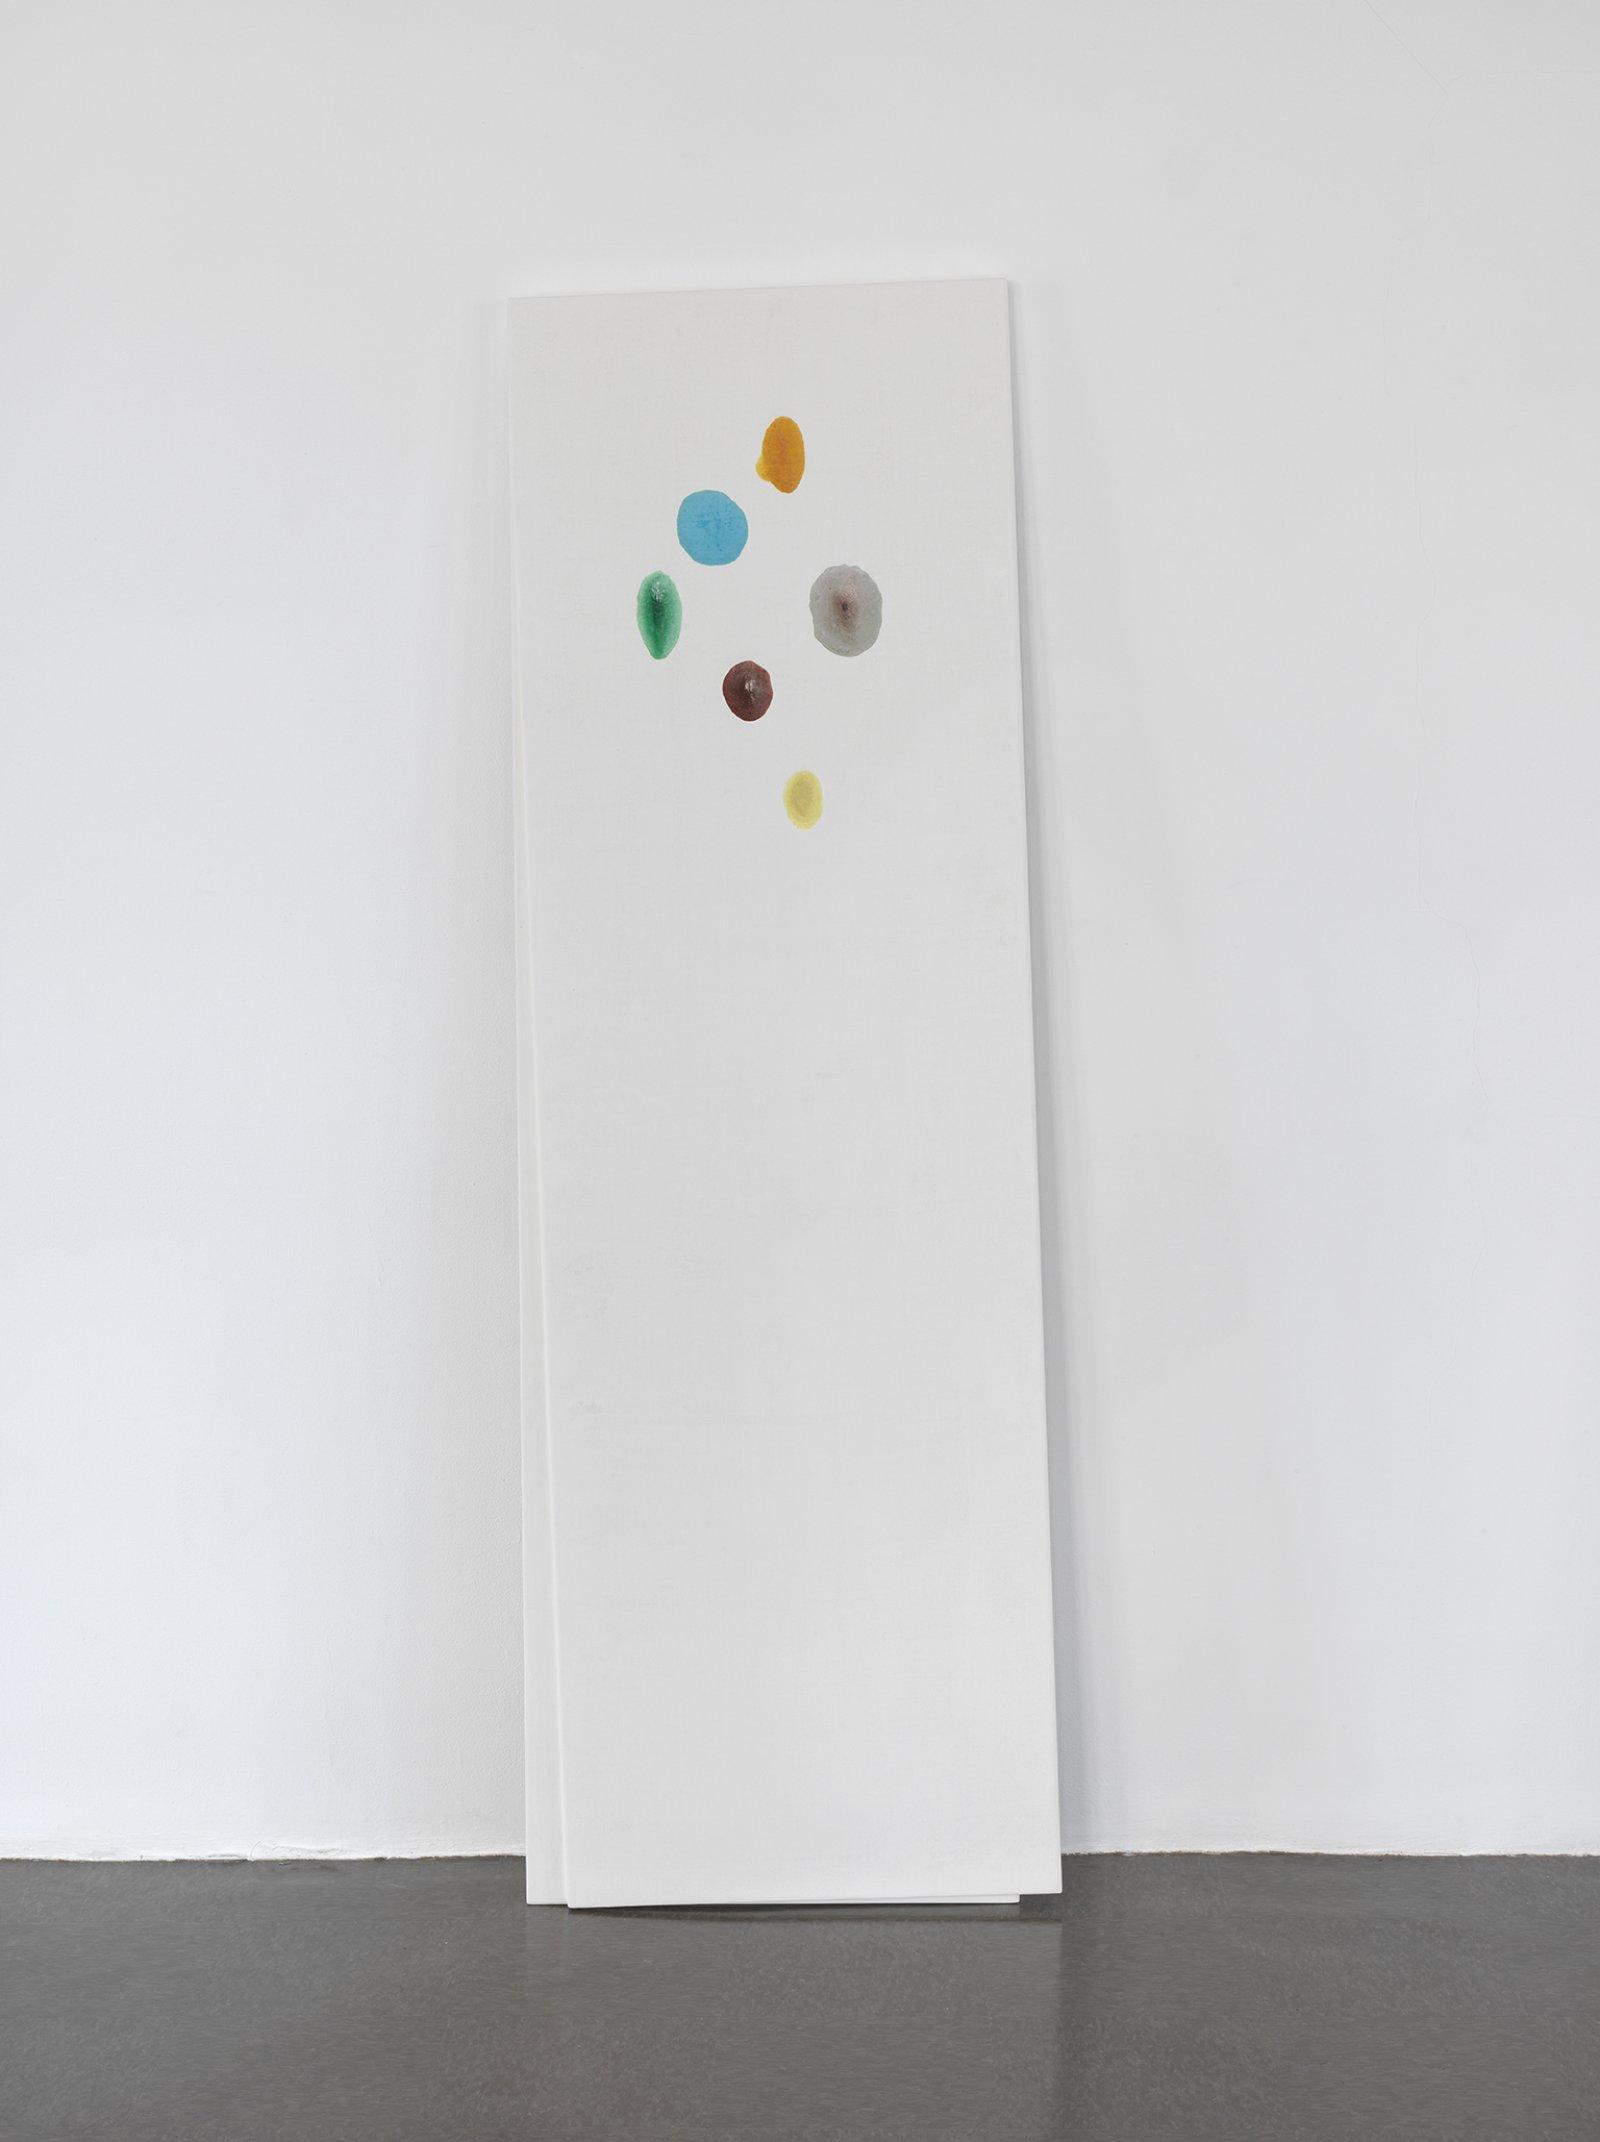 Christina Mackie, Chalk no. 3, 2014, birch, gesso, watercolour, 78 x 24 in. (198 x 62 cm) by Christina Mackie